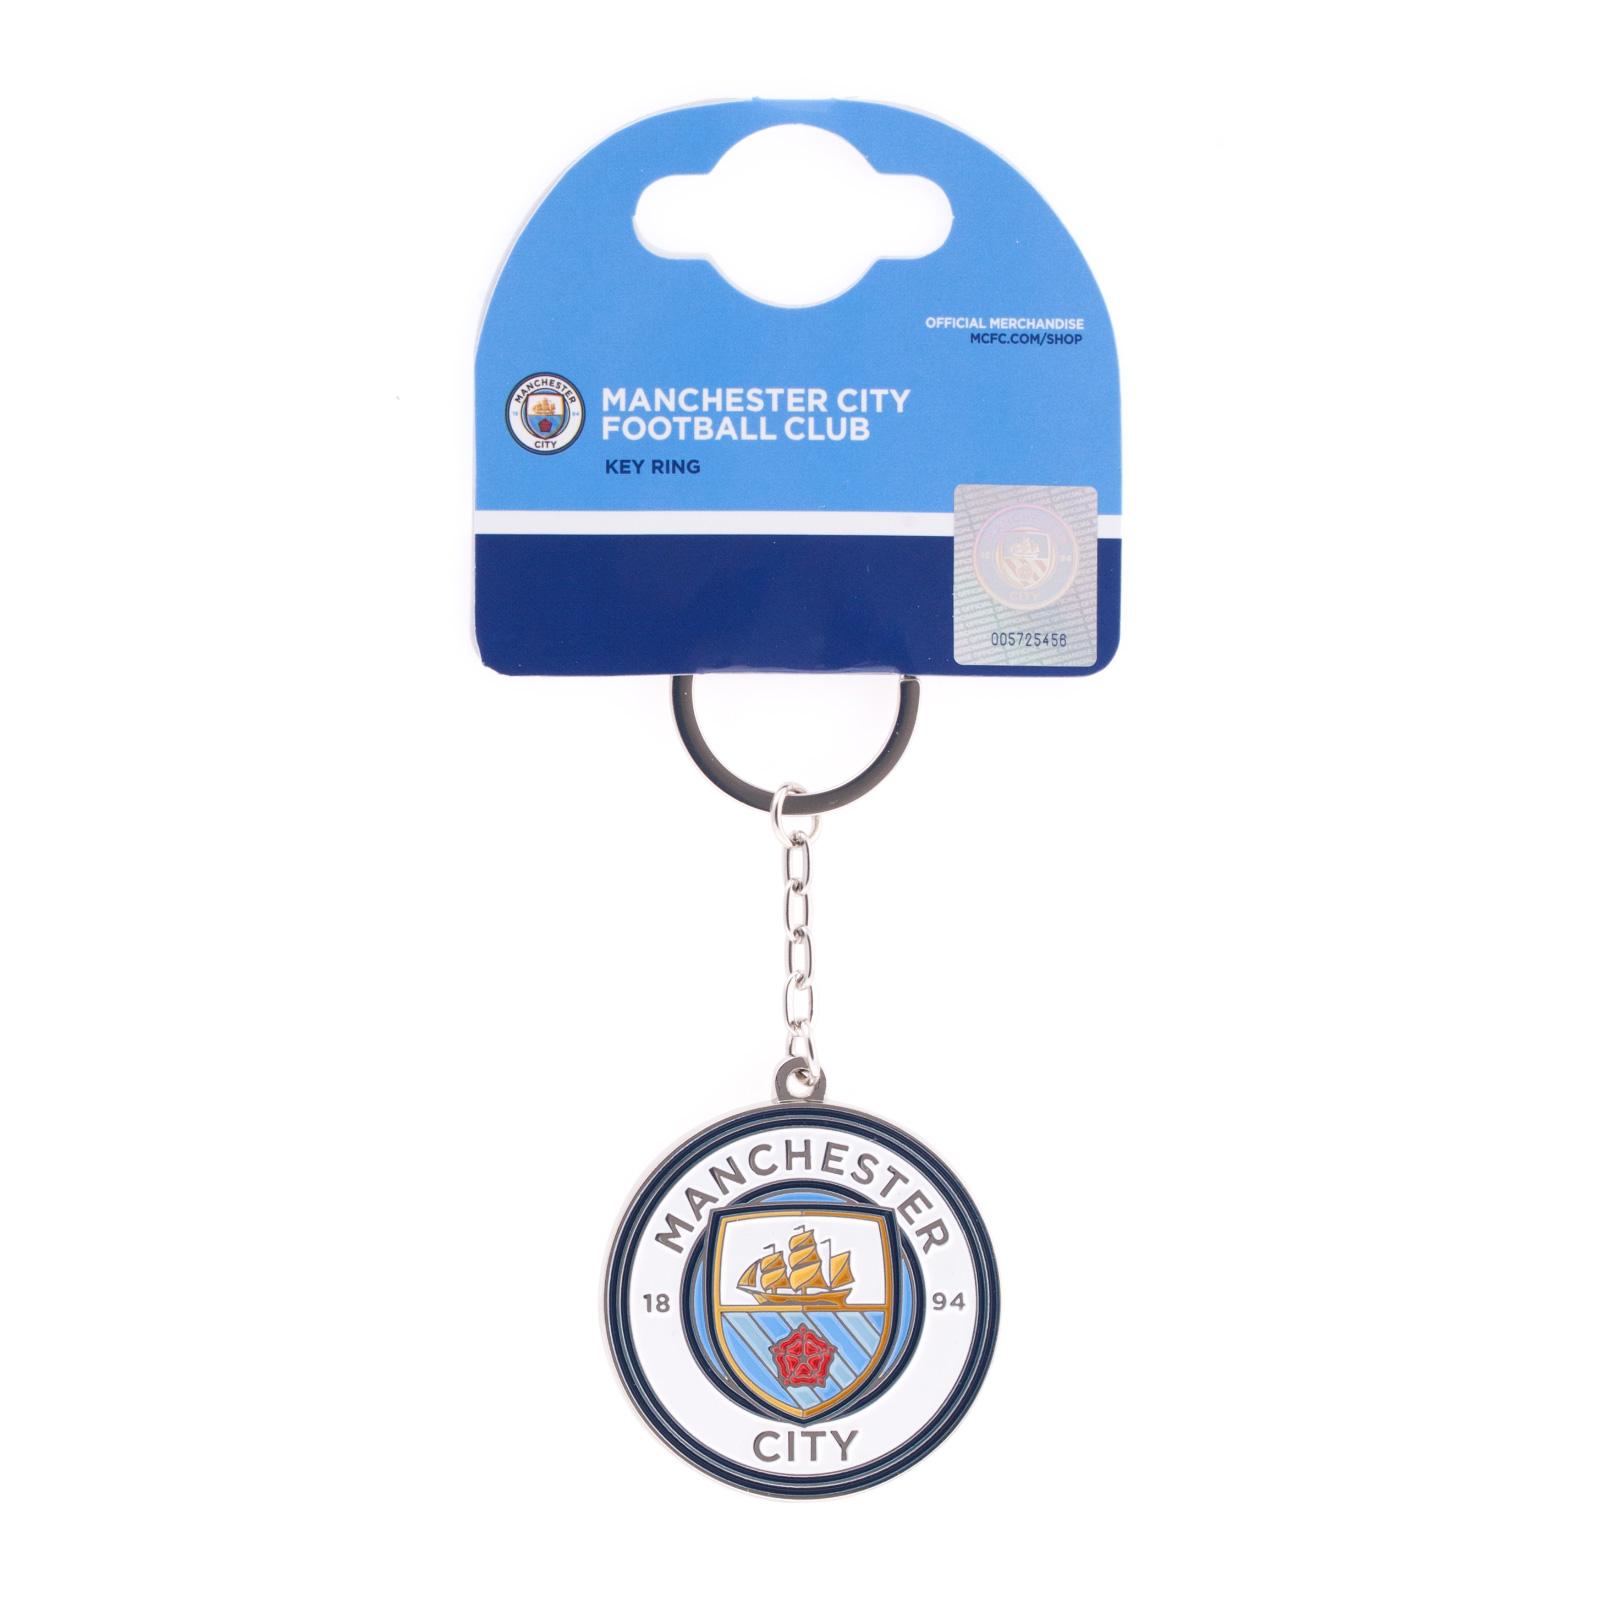 พวงกุญแจแมนเชสเตอร์ ซิตี้ของแท้